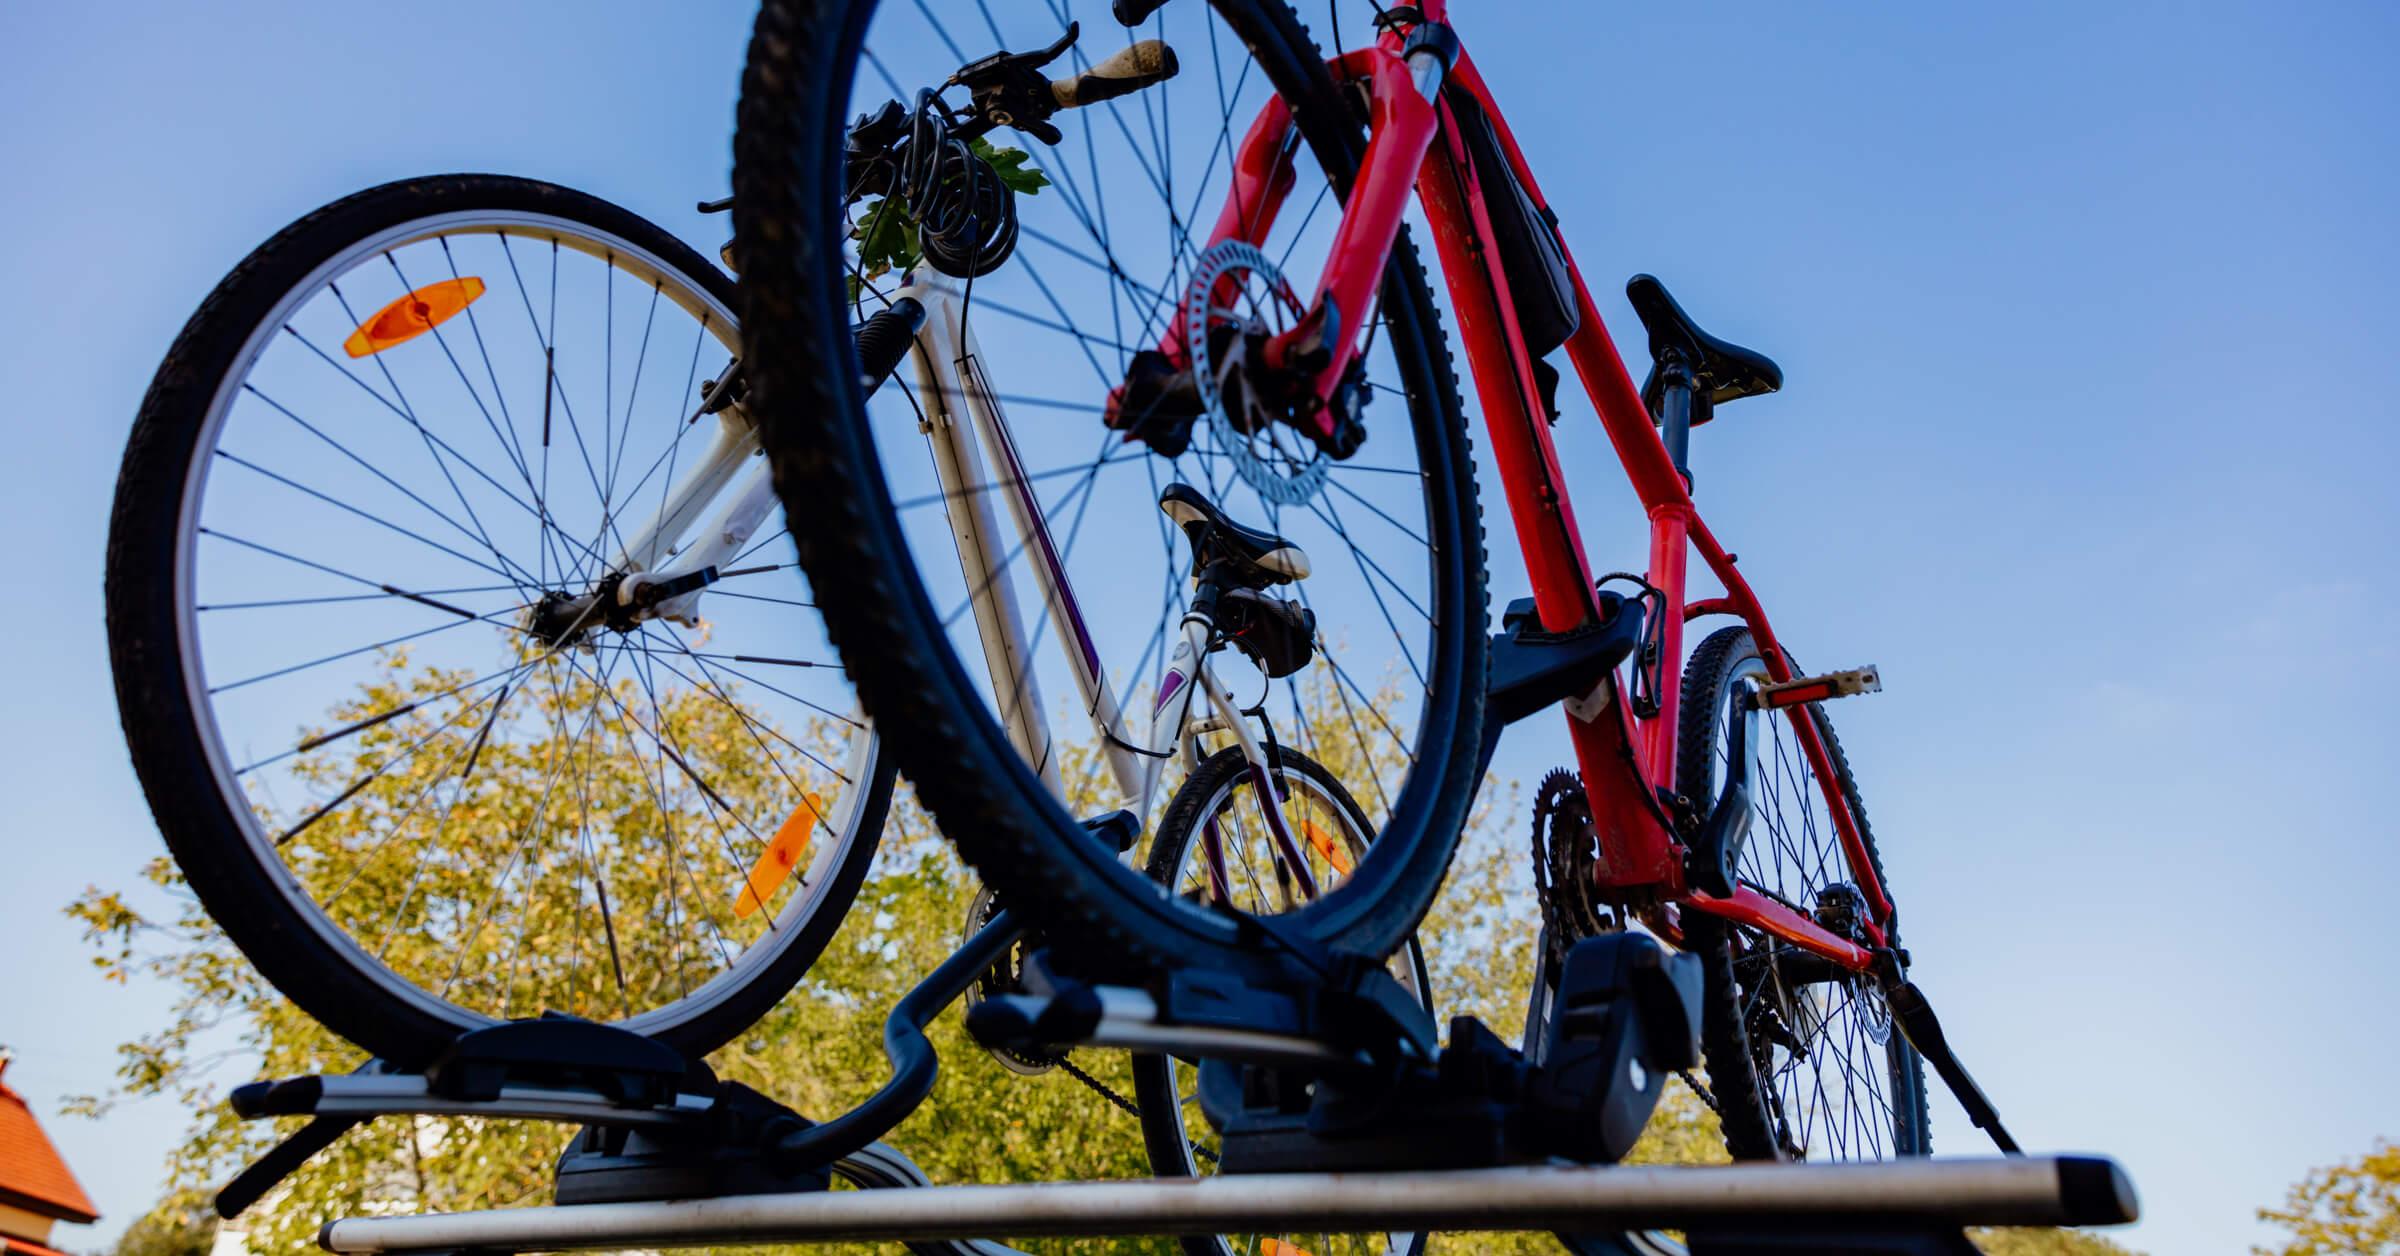 How to Load Bikes onto a Bike Rack